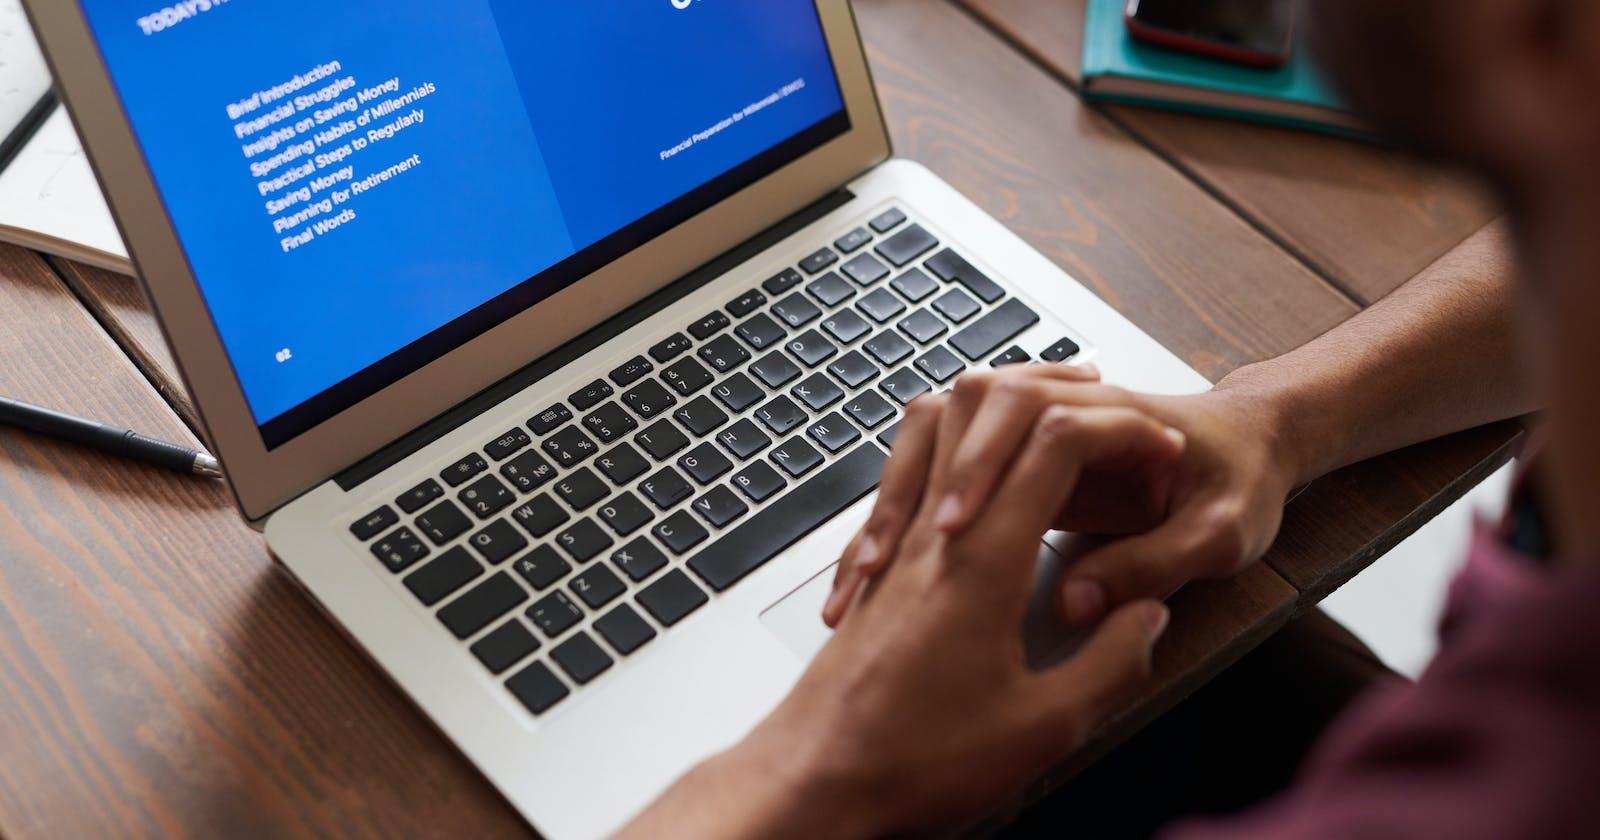 Preparing an Online Dev Workshop